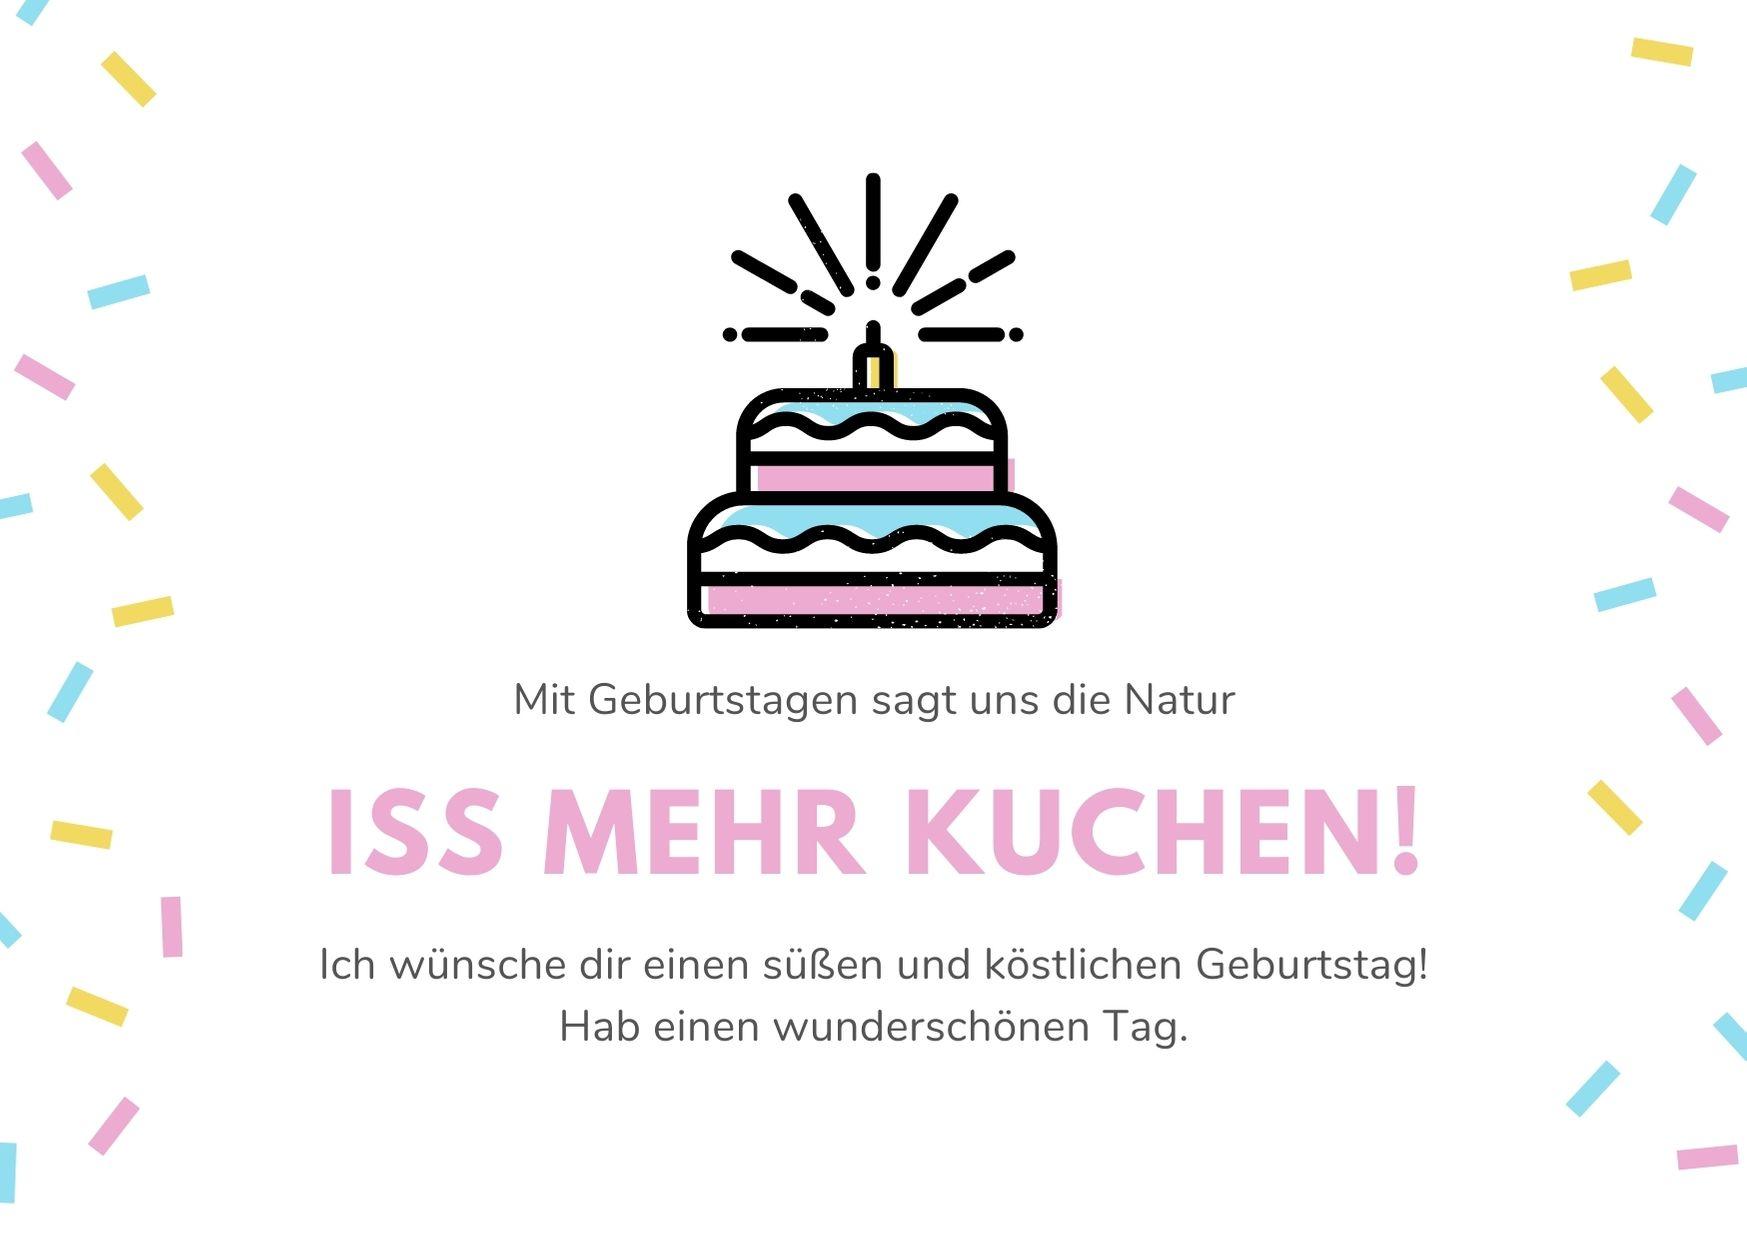 Alles Gute zum Geburtstag Kuchen